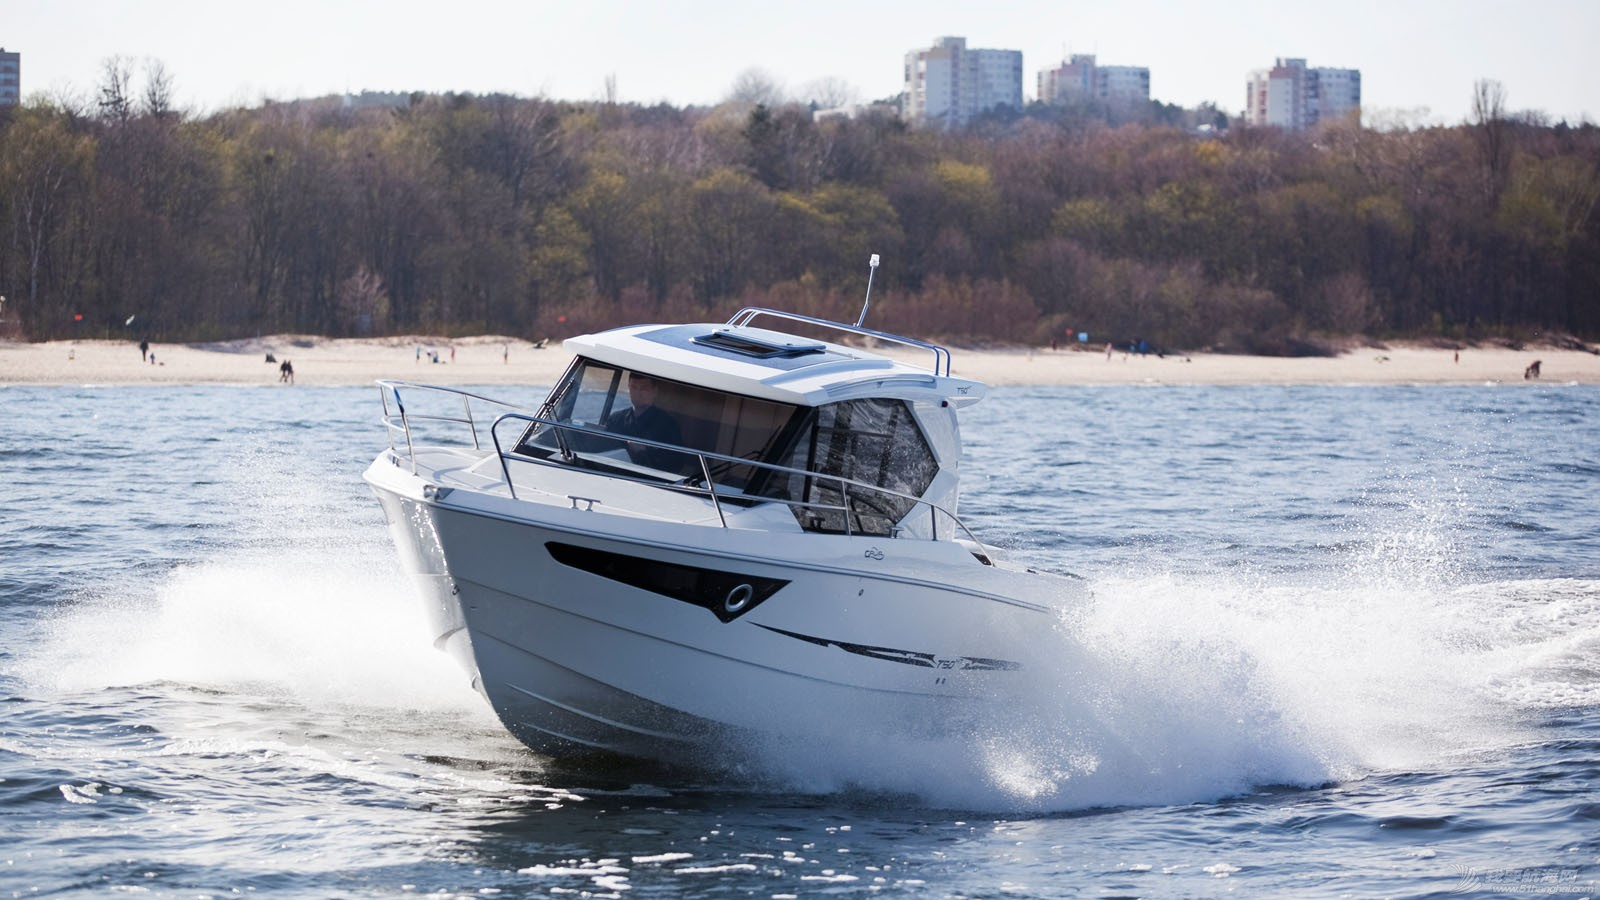 进口 波兰进口Galia 750 Hardtop硬顶钓鱼艇出售 _MG_4255wide